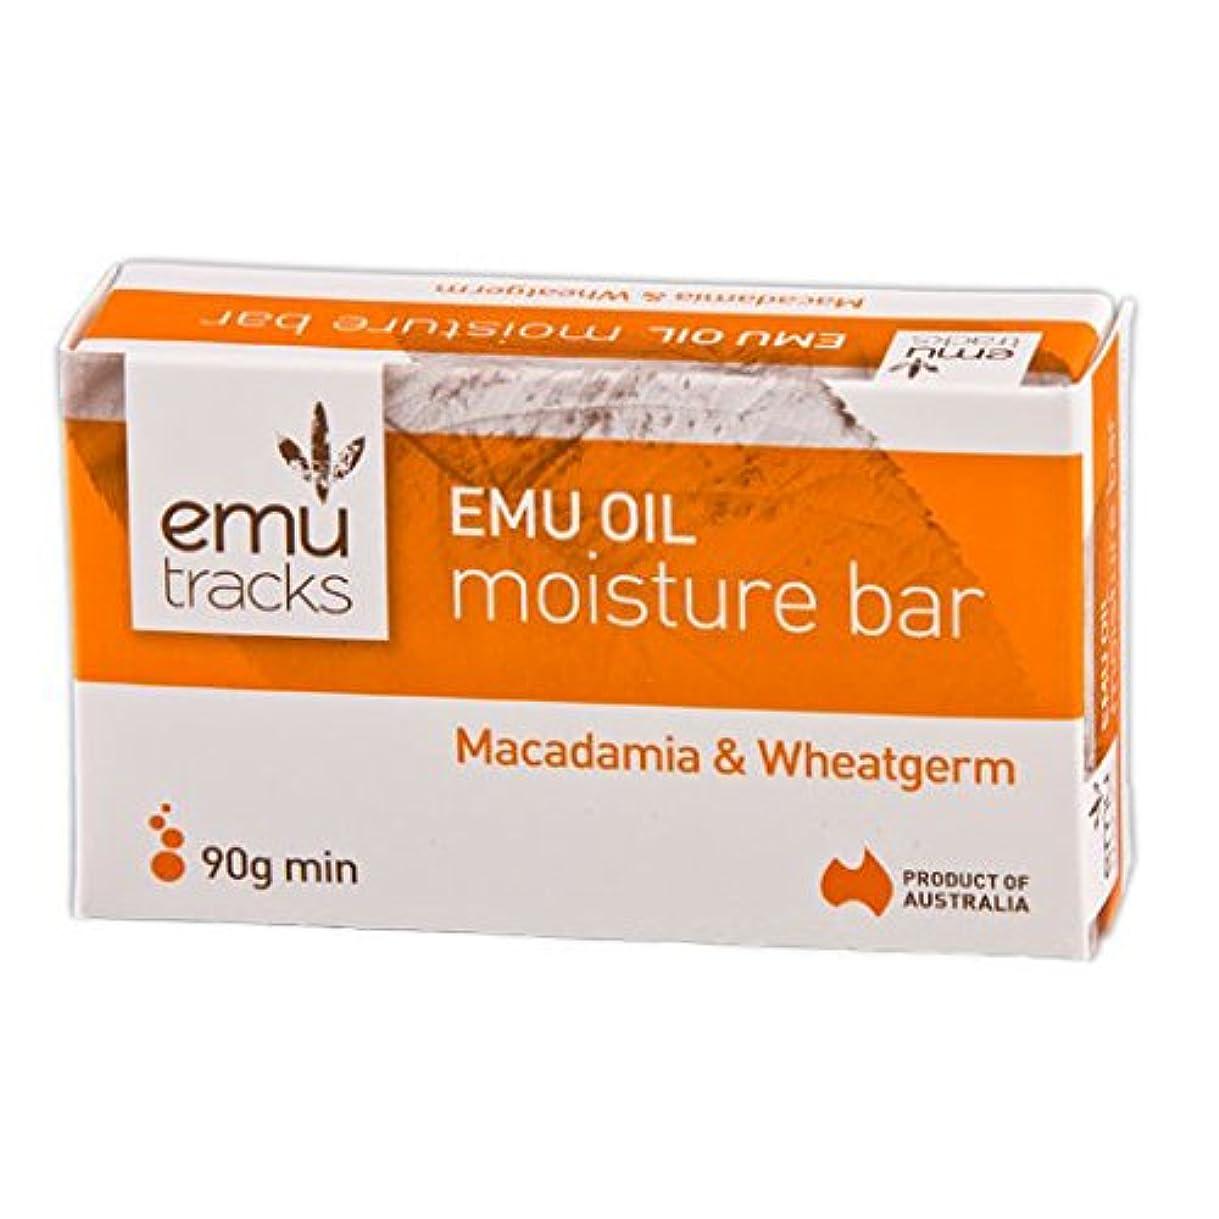 居住者薬局ドック[Emu Tracks] エミュー?ソープ(Macadamia / Wheatgerm)90g x3個セット 【海外直送】